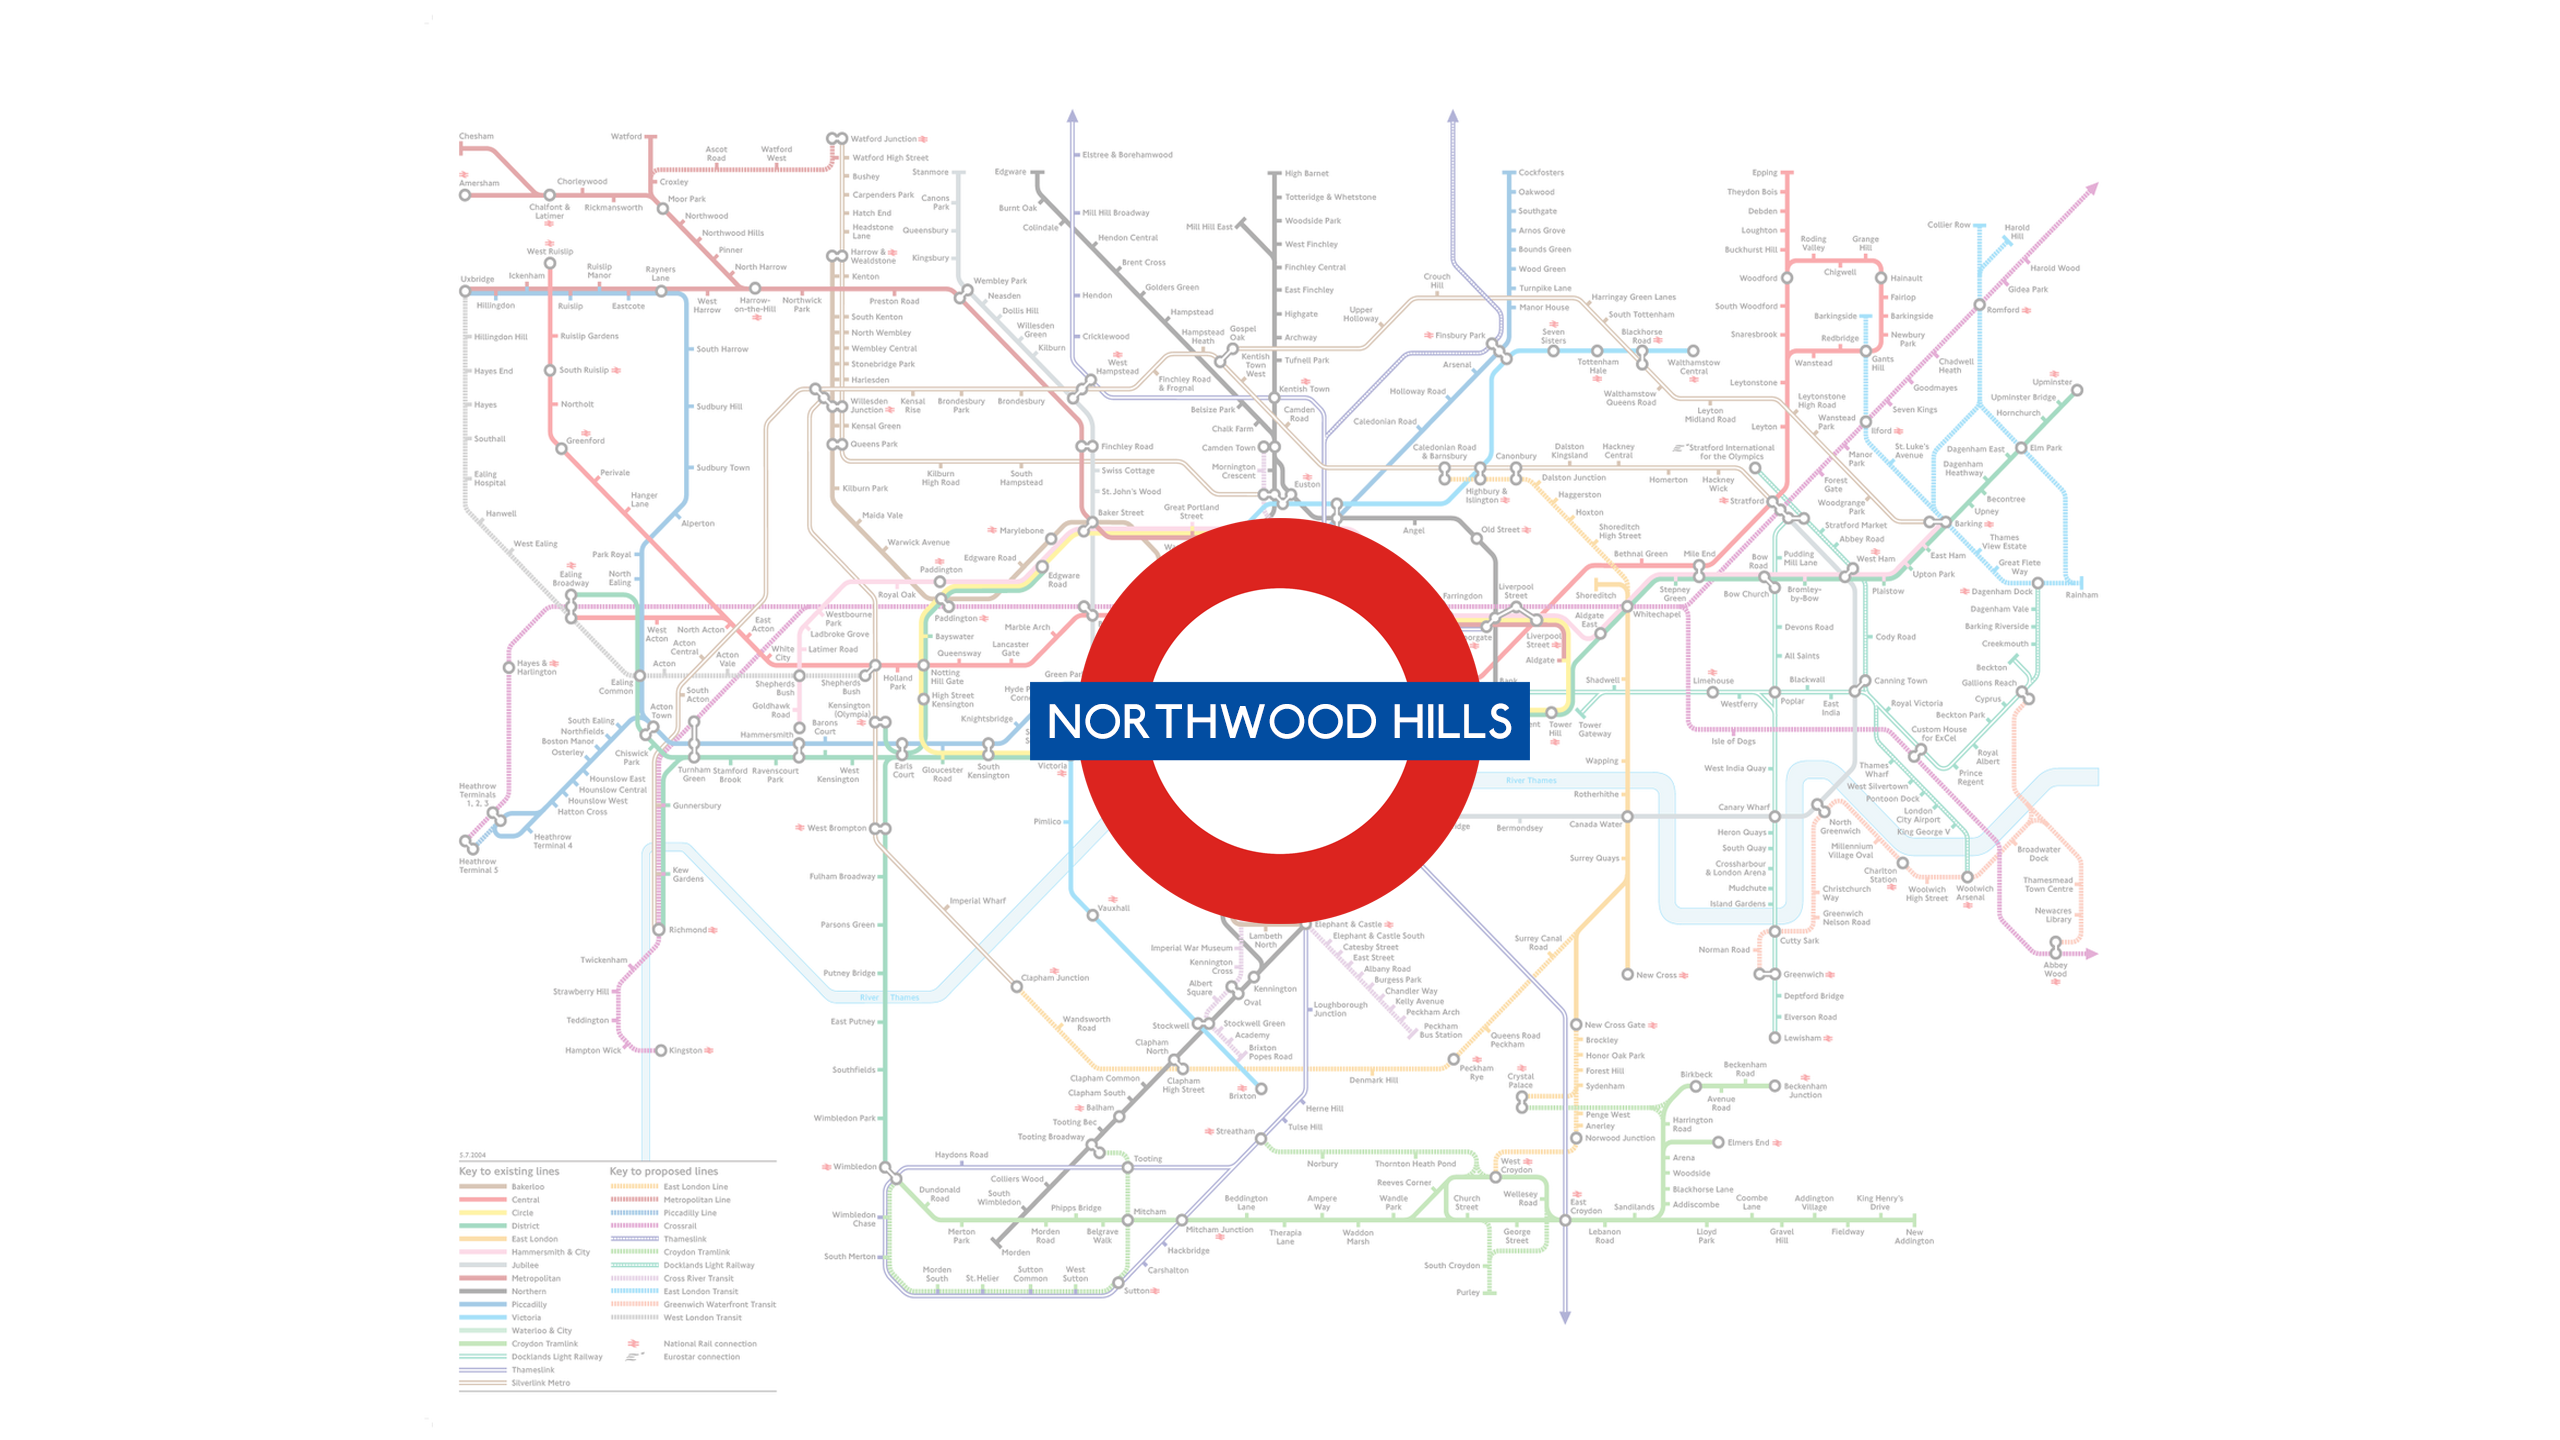 Northwood Hills (Map)